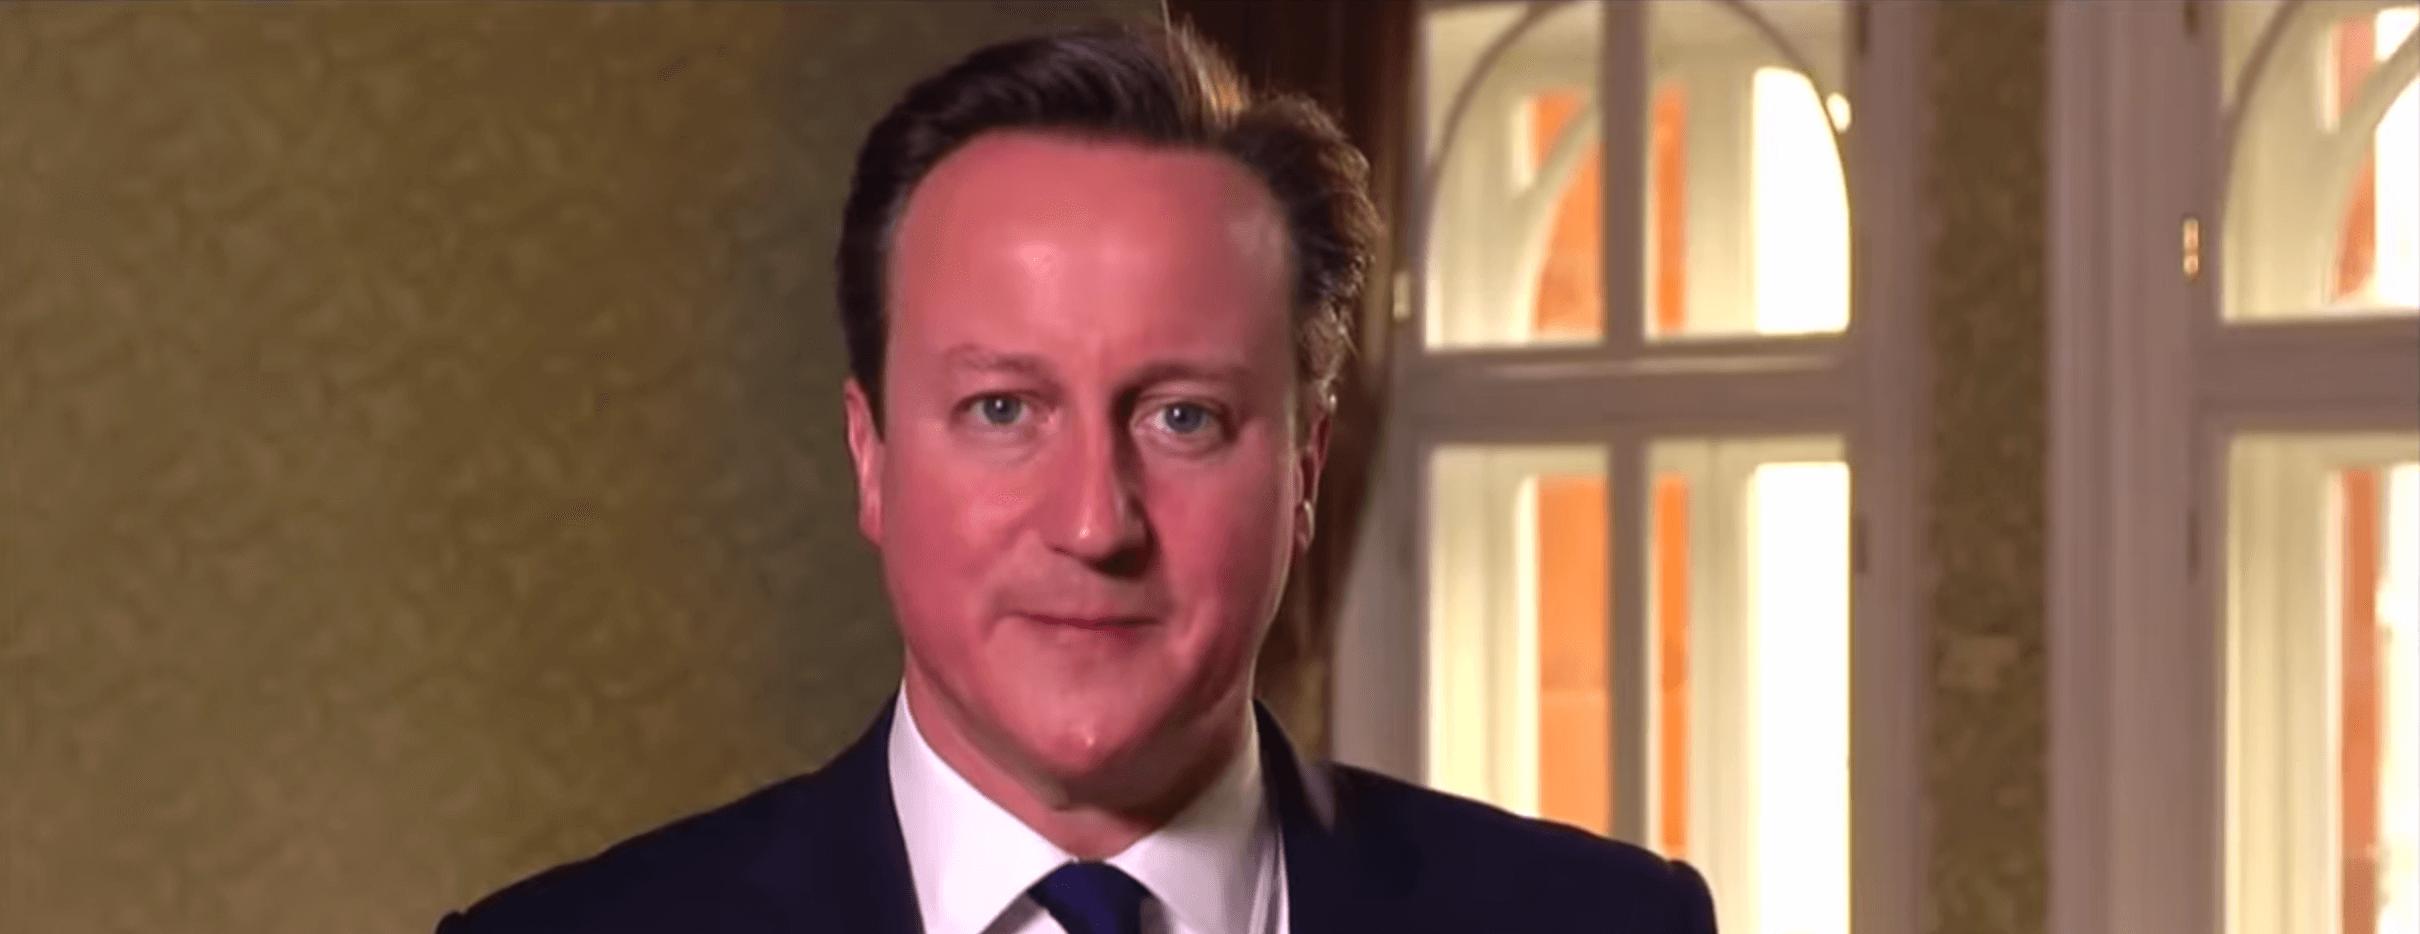 El primer ministro del Reino Unido denuncia la cristianofobia